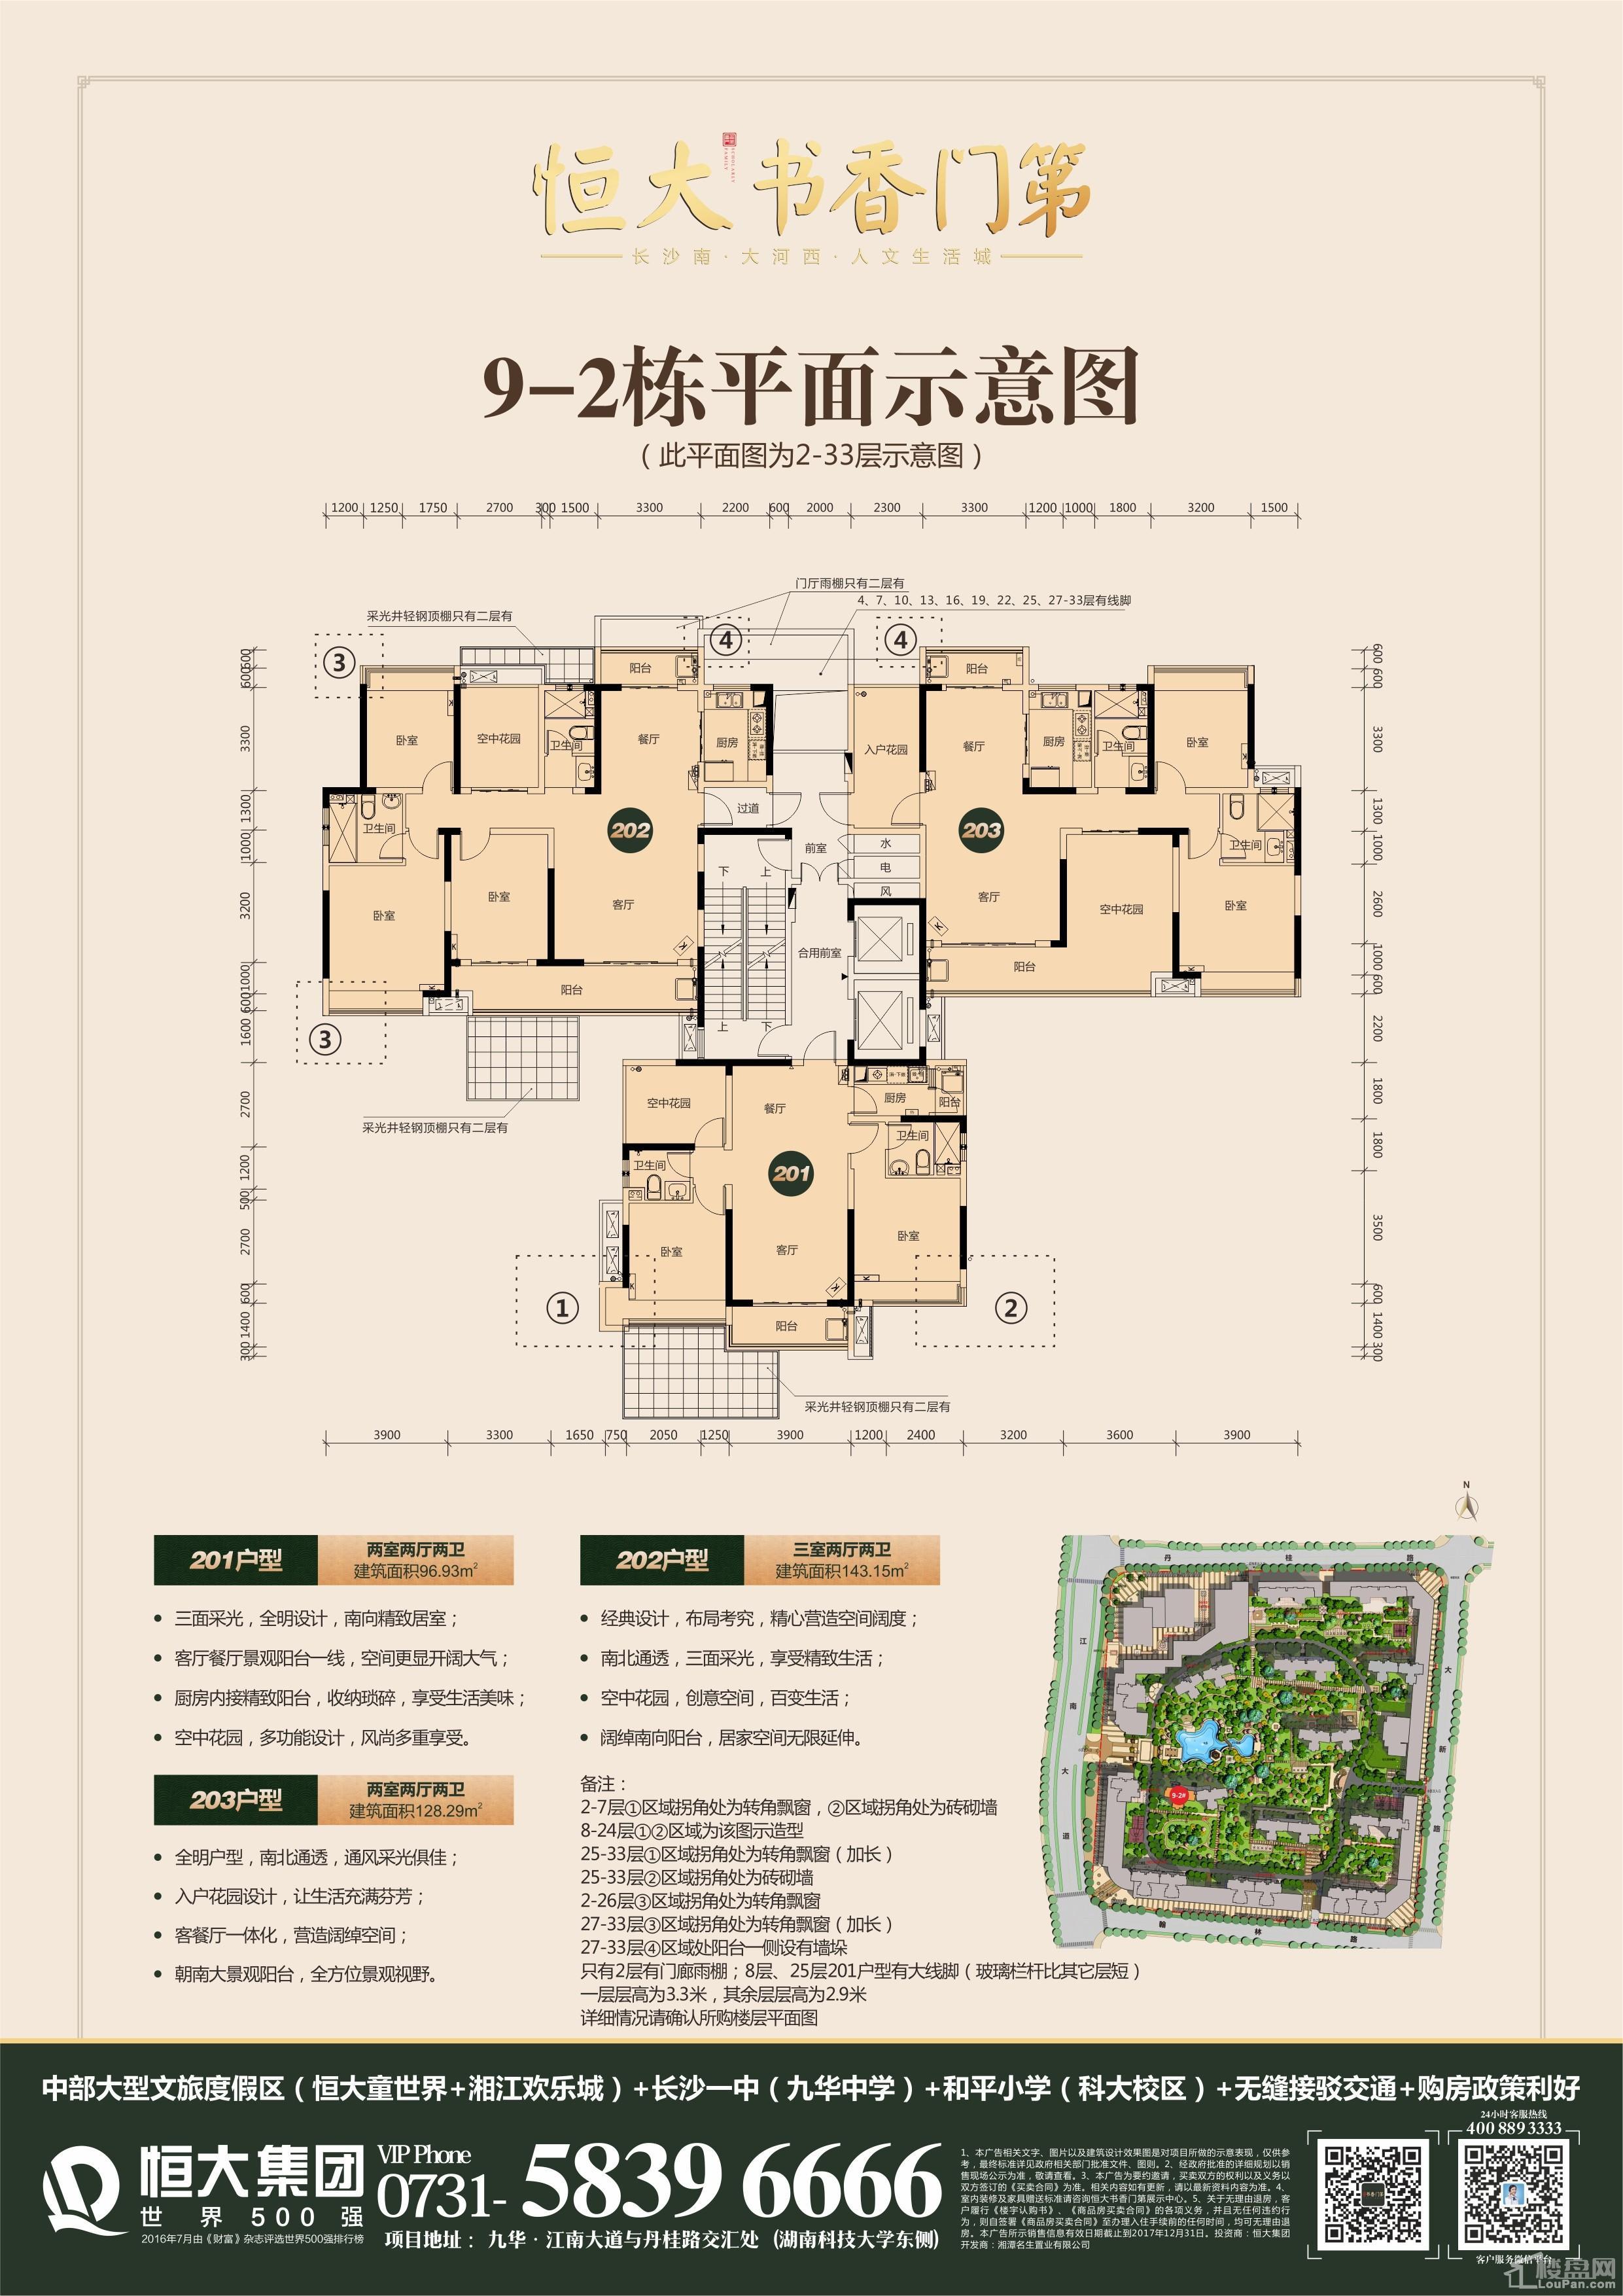 湘潭恒大书香门第9号栋户型图